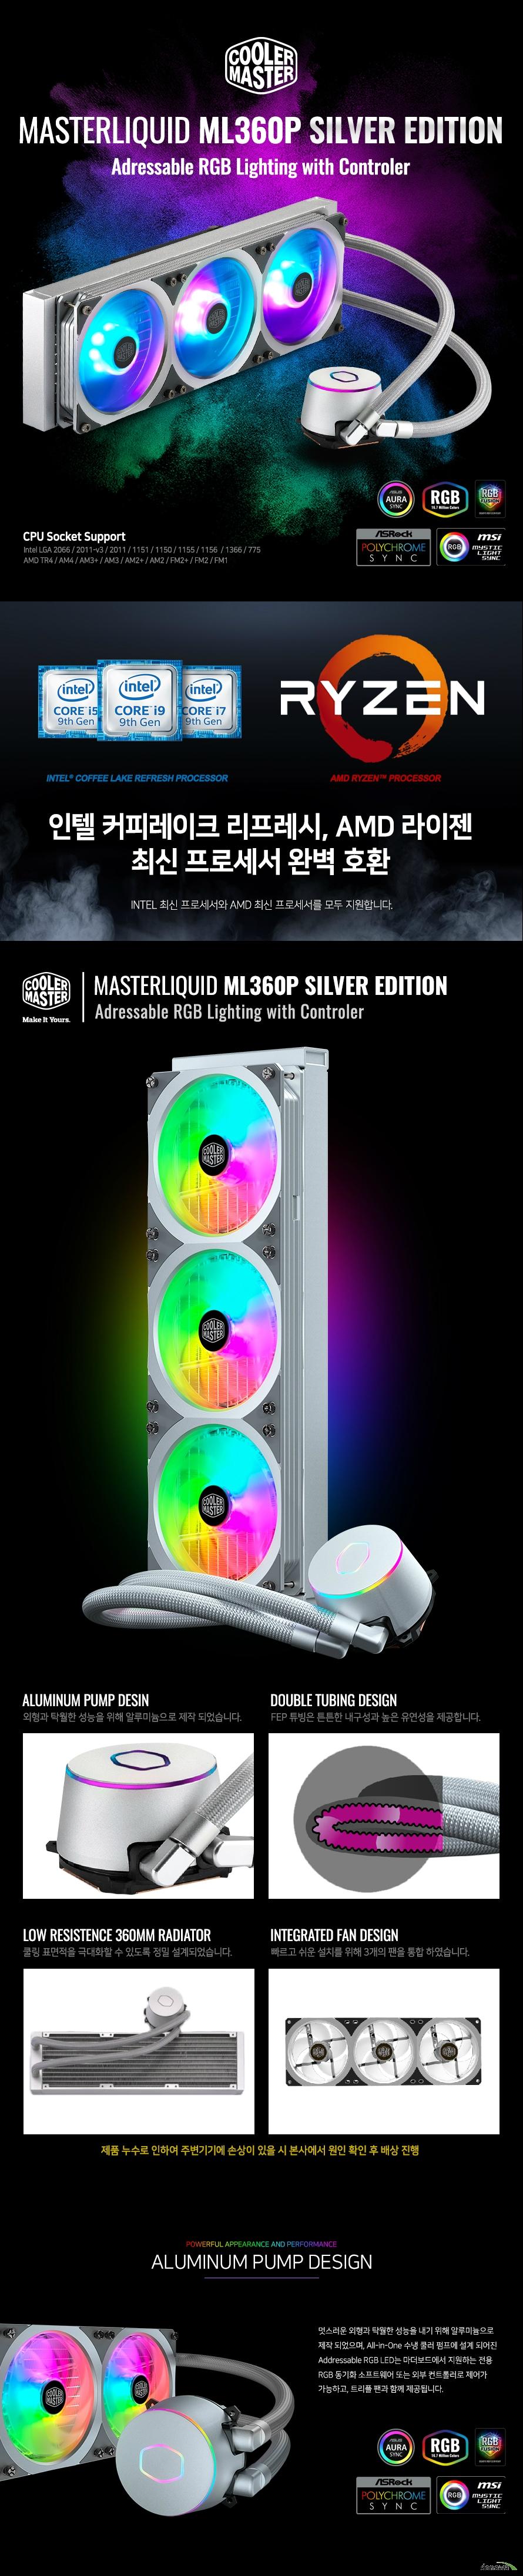 제품상세정보 제품명 MasterLiquid ML360P ARGB Silver Edition / model MLY-D36M-A18PA-R1 / CPU socket intel LGA 2066 2011-v3 2011 1151 1150 1155 1156 1366 775, AMD TR4 AM4 AM3+ AM3 AM2+ AM2 FM2+ FM2 FM1 / radiator material aluminum / radiator dimensions(L*W*H) 394*119*27.2mm / fan dimensions 360 * 120 x 25 mm/ fan speed 650-1,800 RPM (PWM) ± 10% / fan airflow 45 CFM (Max) / fan air pressure 1.58 mm H2O (Max) / fan mttf 160,000 hours/ fan noise level  8-30 dBA / connector 4-Pin(PWM)+ARGB 3Pin / voltage 12V DC / pump dimensions 82.9 * 72 x 52.9 mm / pummp consumption 1.3W(LED 2.0) / pump mttf 70,000 hours / pump noise level <15dBA / pump connector 3-Pin / pump rated voltage 12V DC / warranty 2years